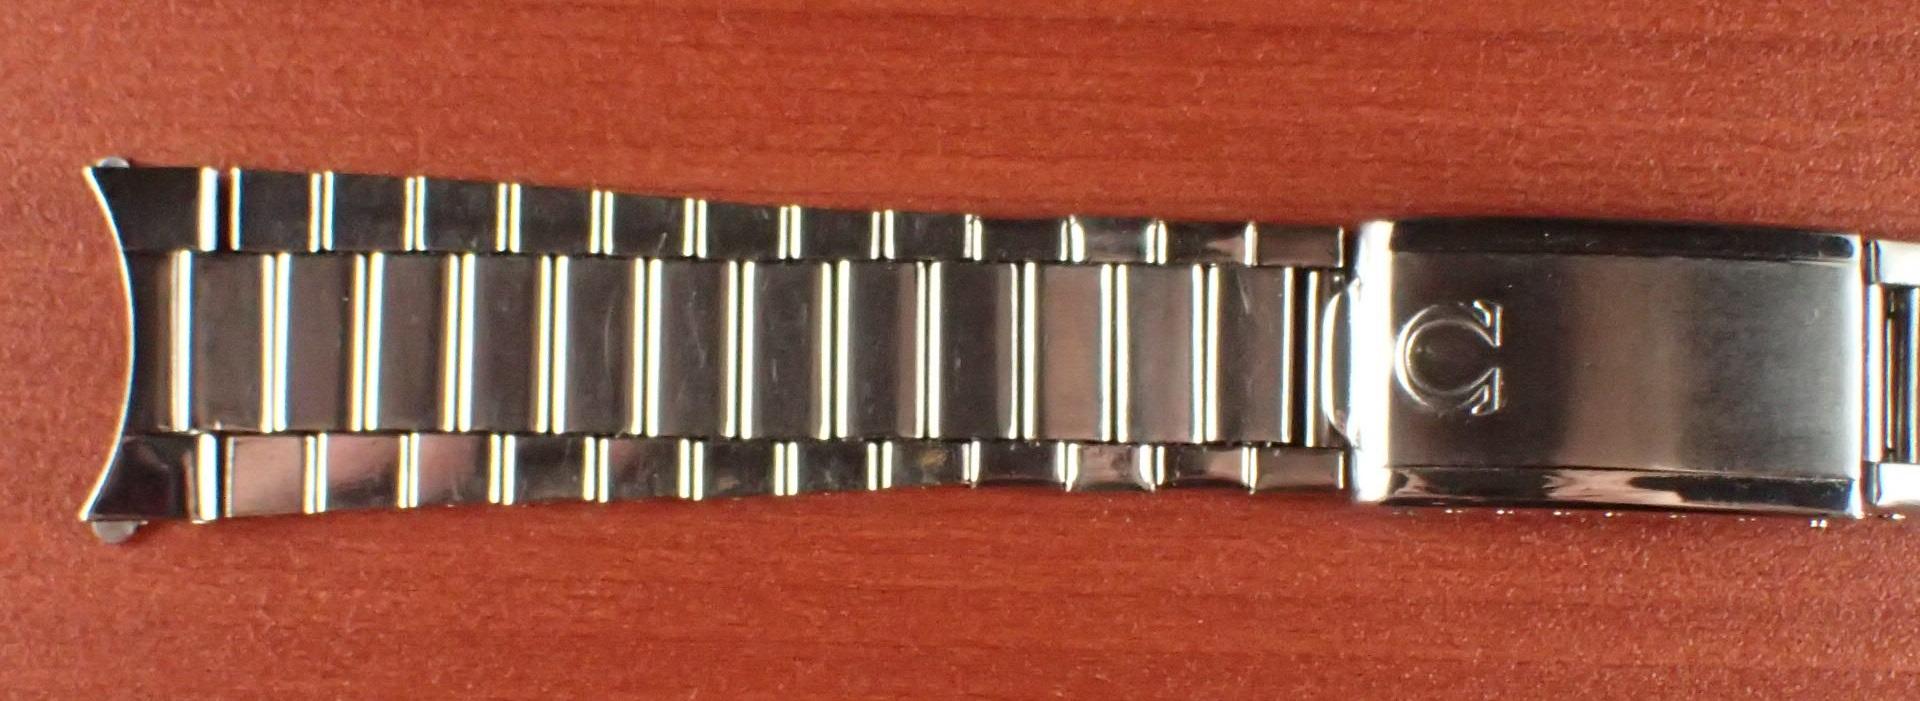 オメガ スピードマスター キャタピラブレス 20mm Ref:1039 1968年製